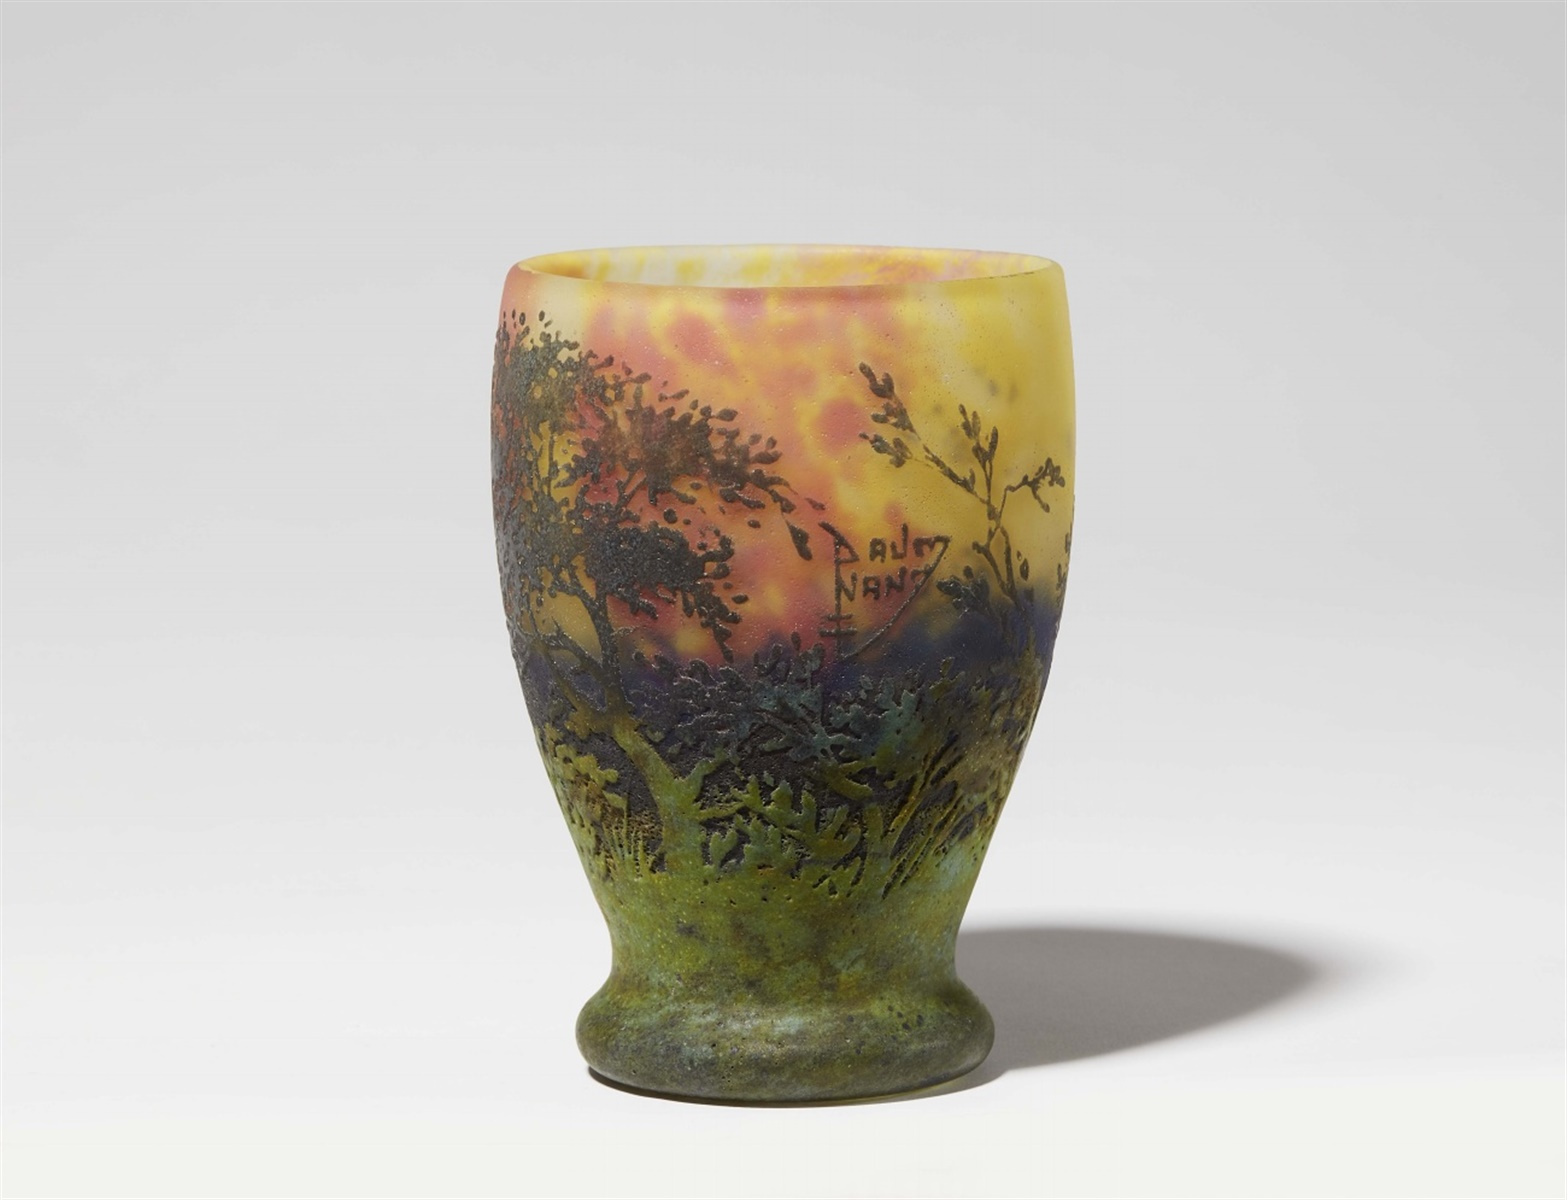 Lot 28 - Vase paysage (soleil couchant)Matt geätztes Glas mit gelben, blauen und roten Pulvereinschmelzungen,